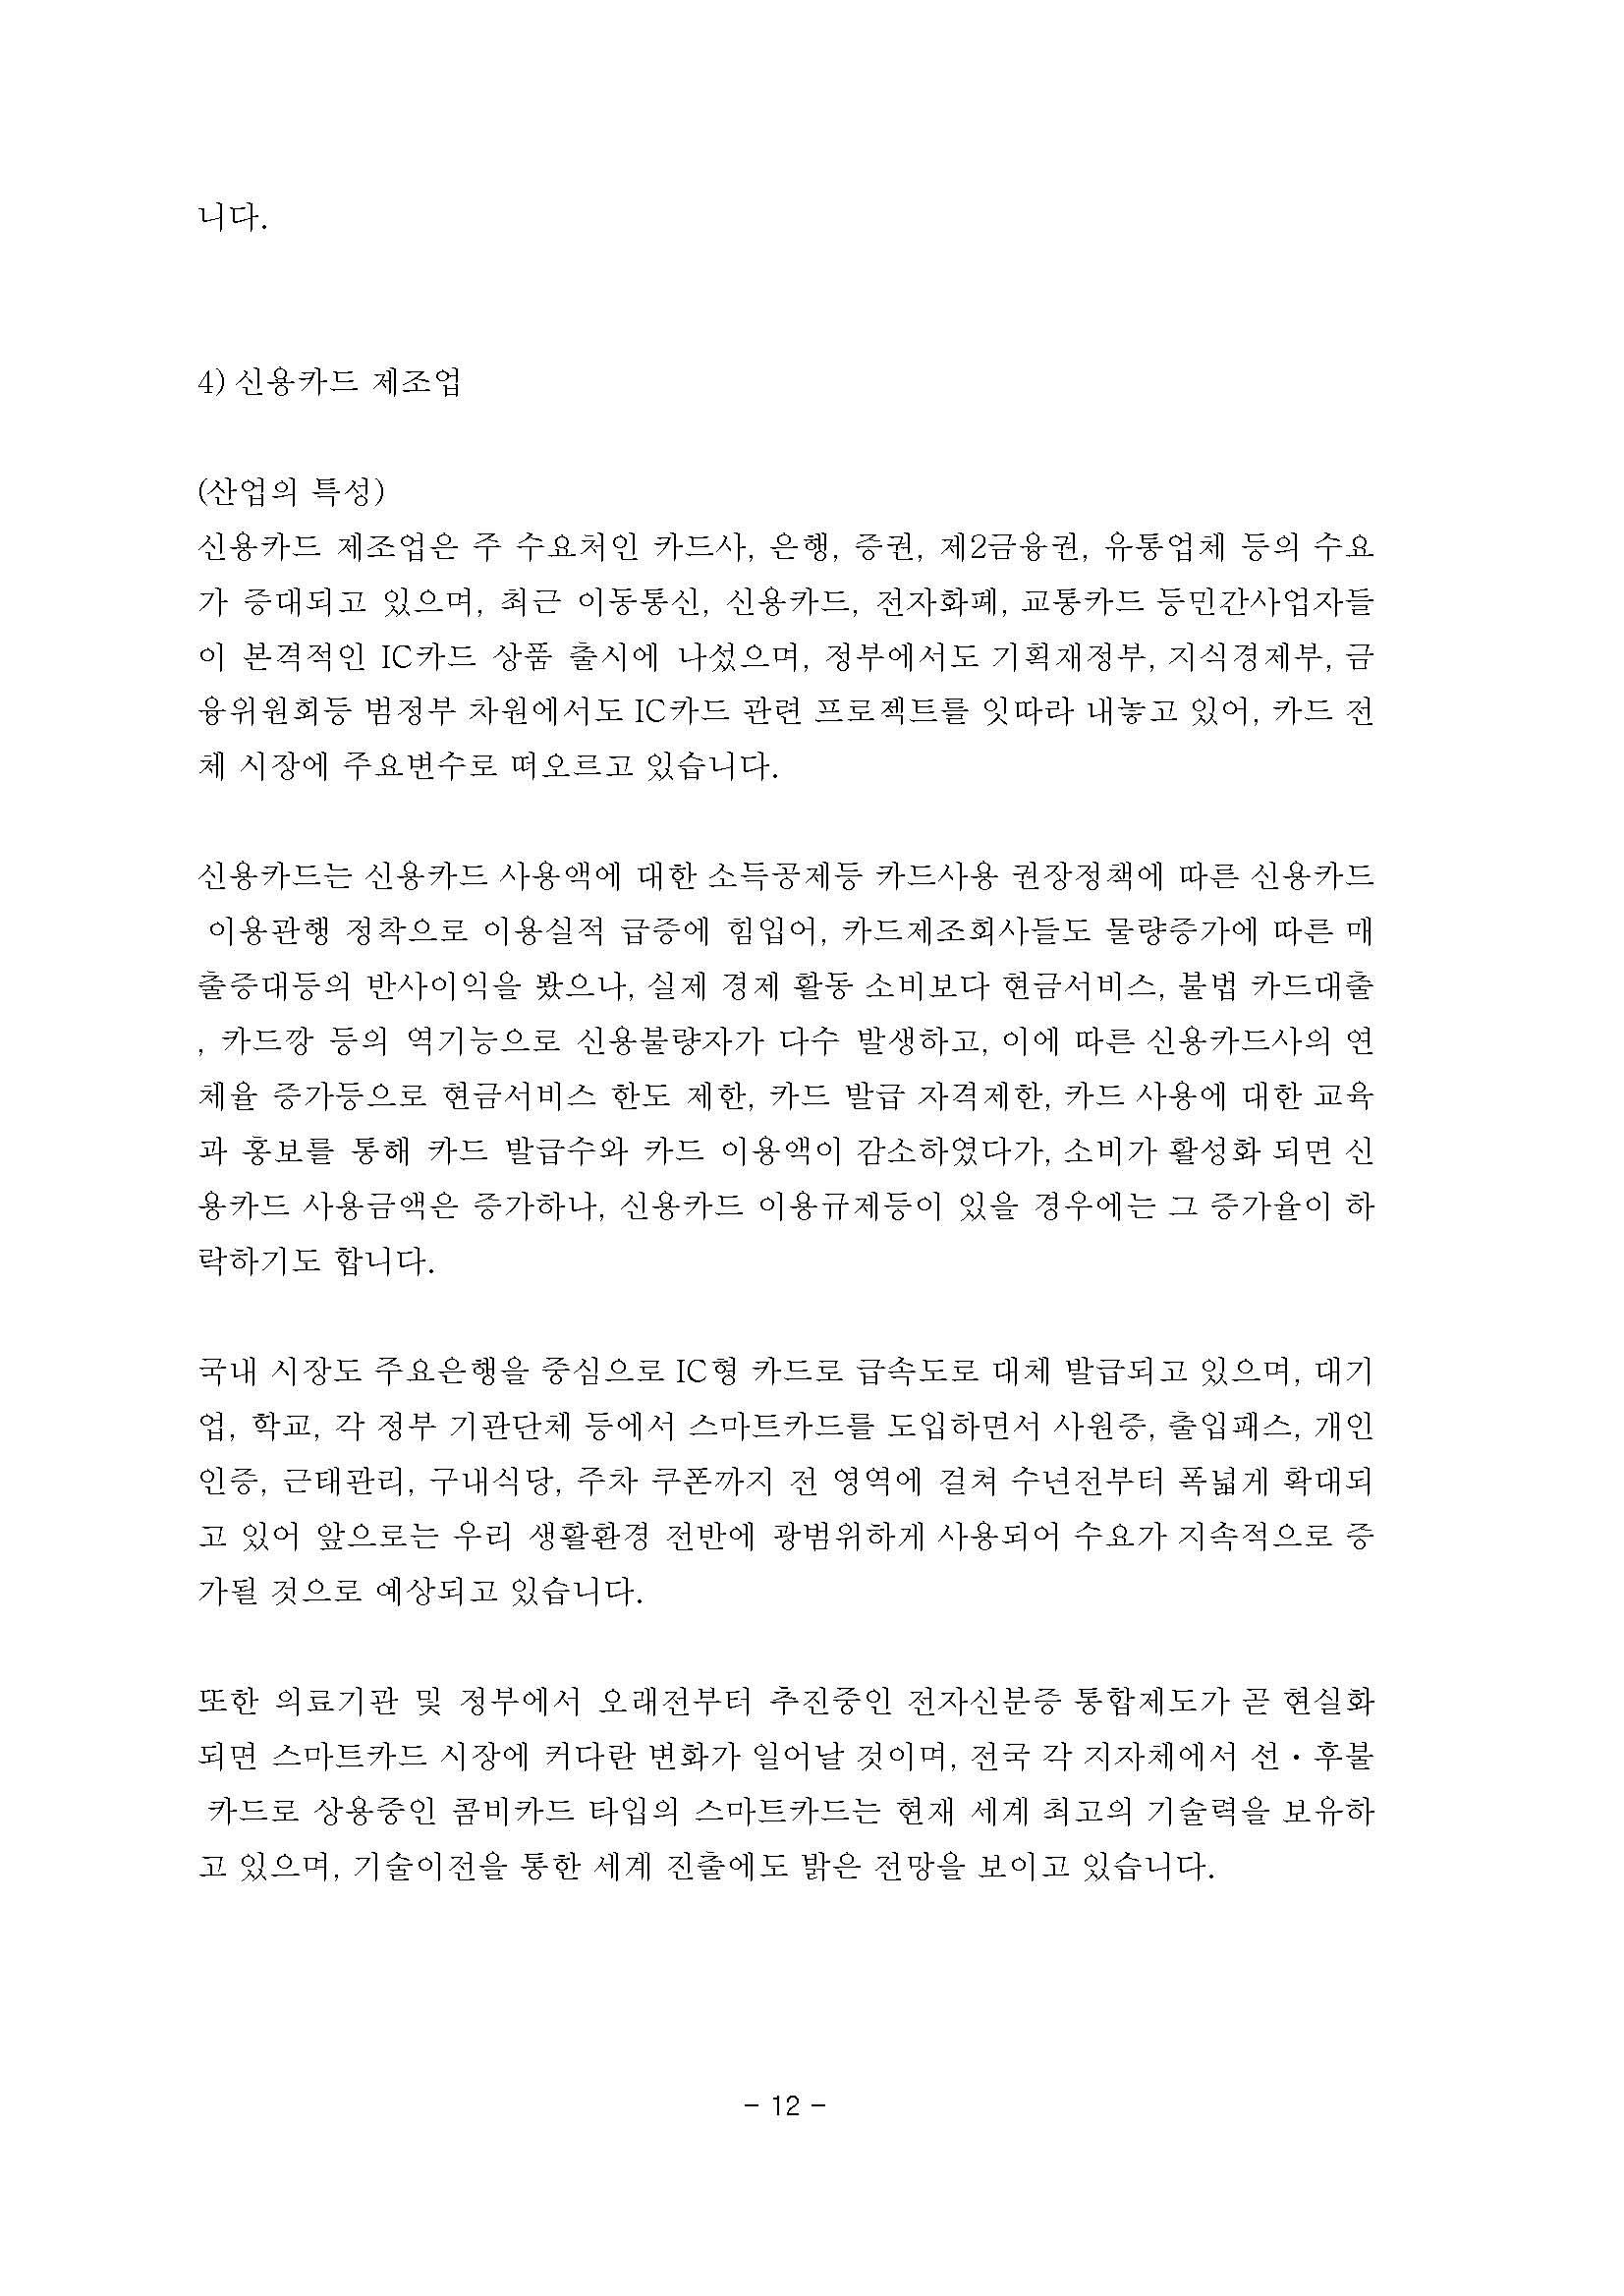 20180309 주주총회 소집공고-옴니시스템_페이지_13.jpg